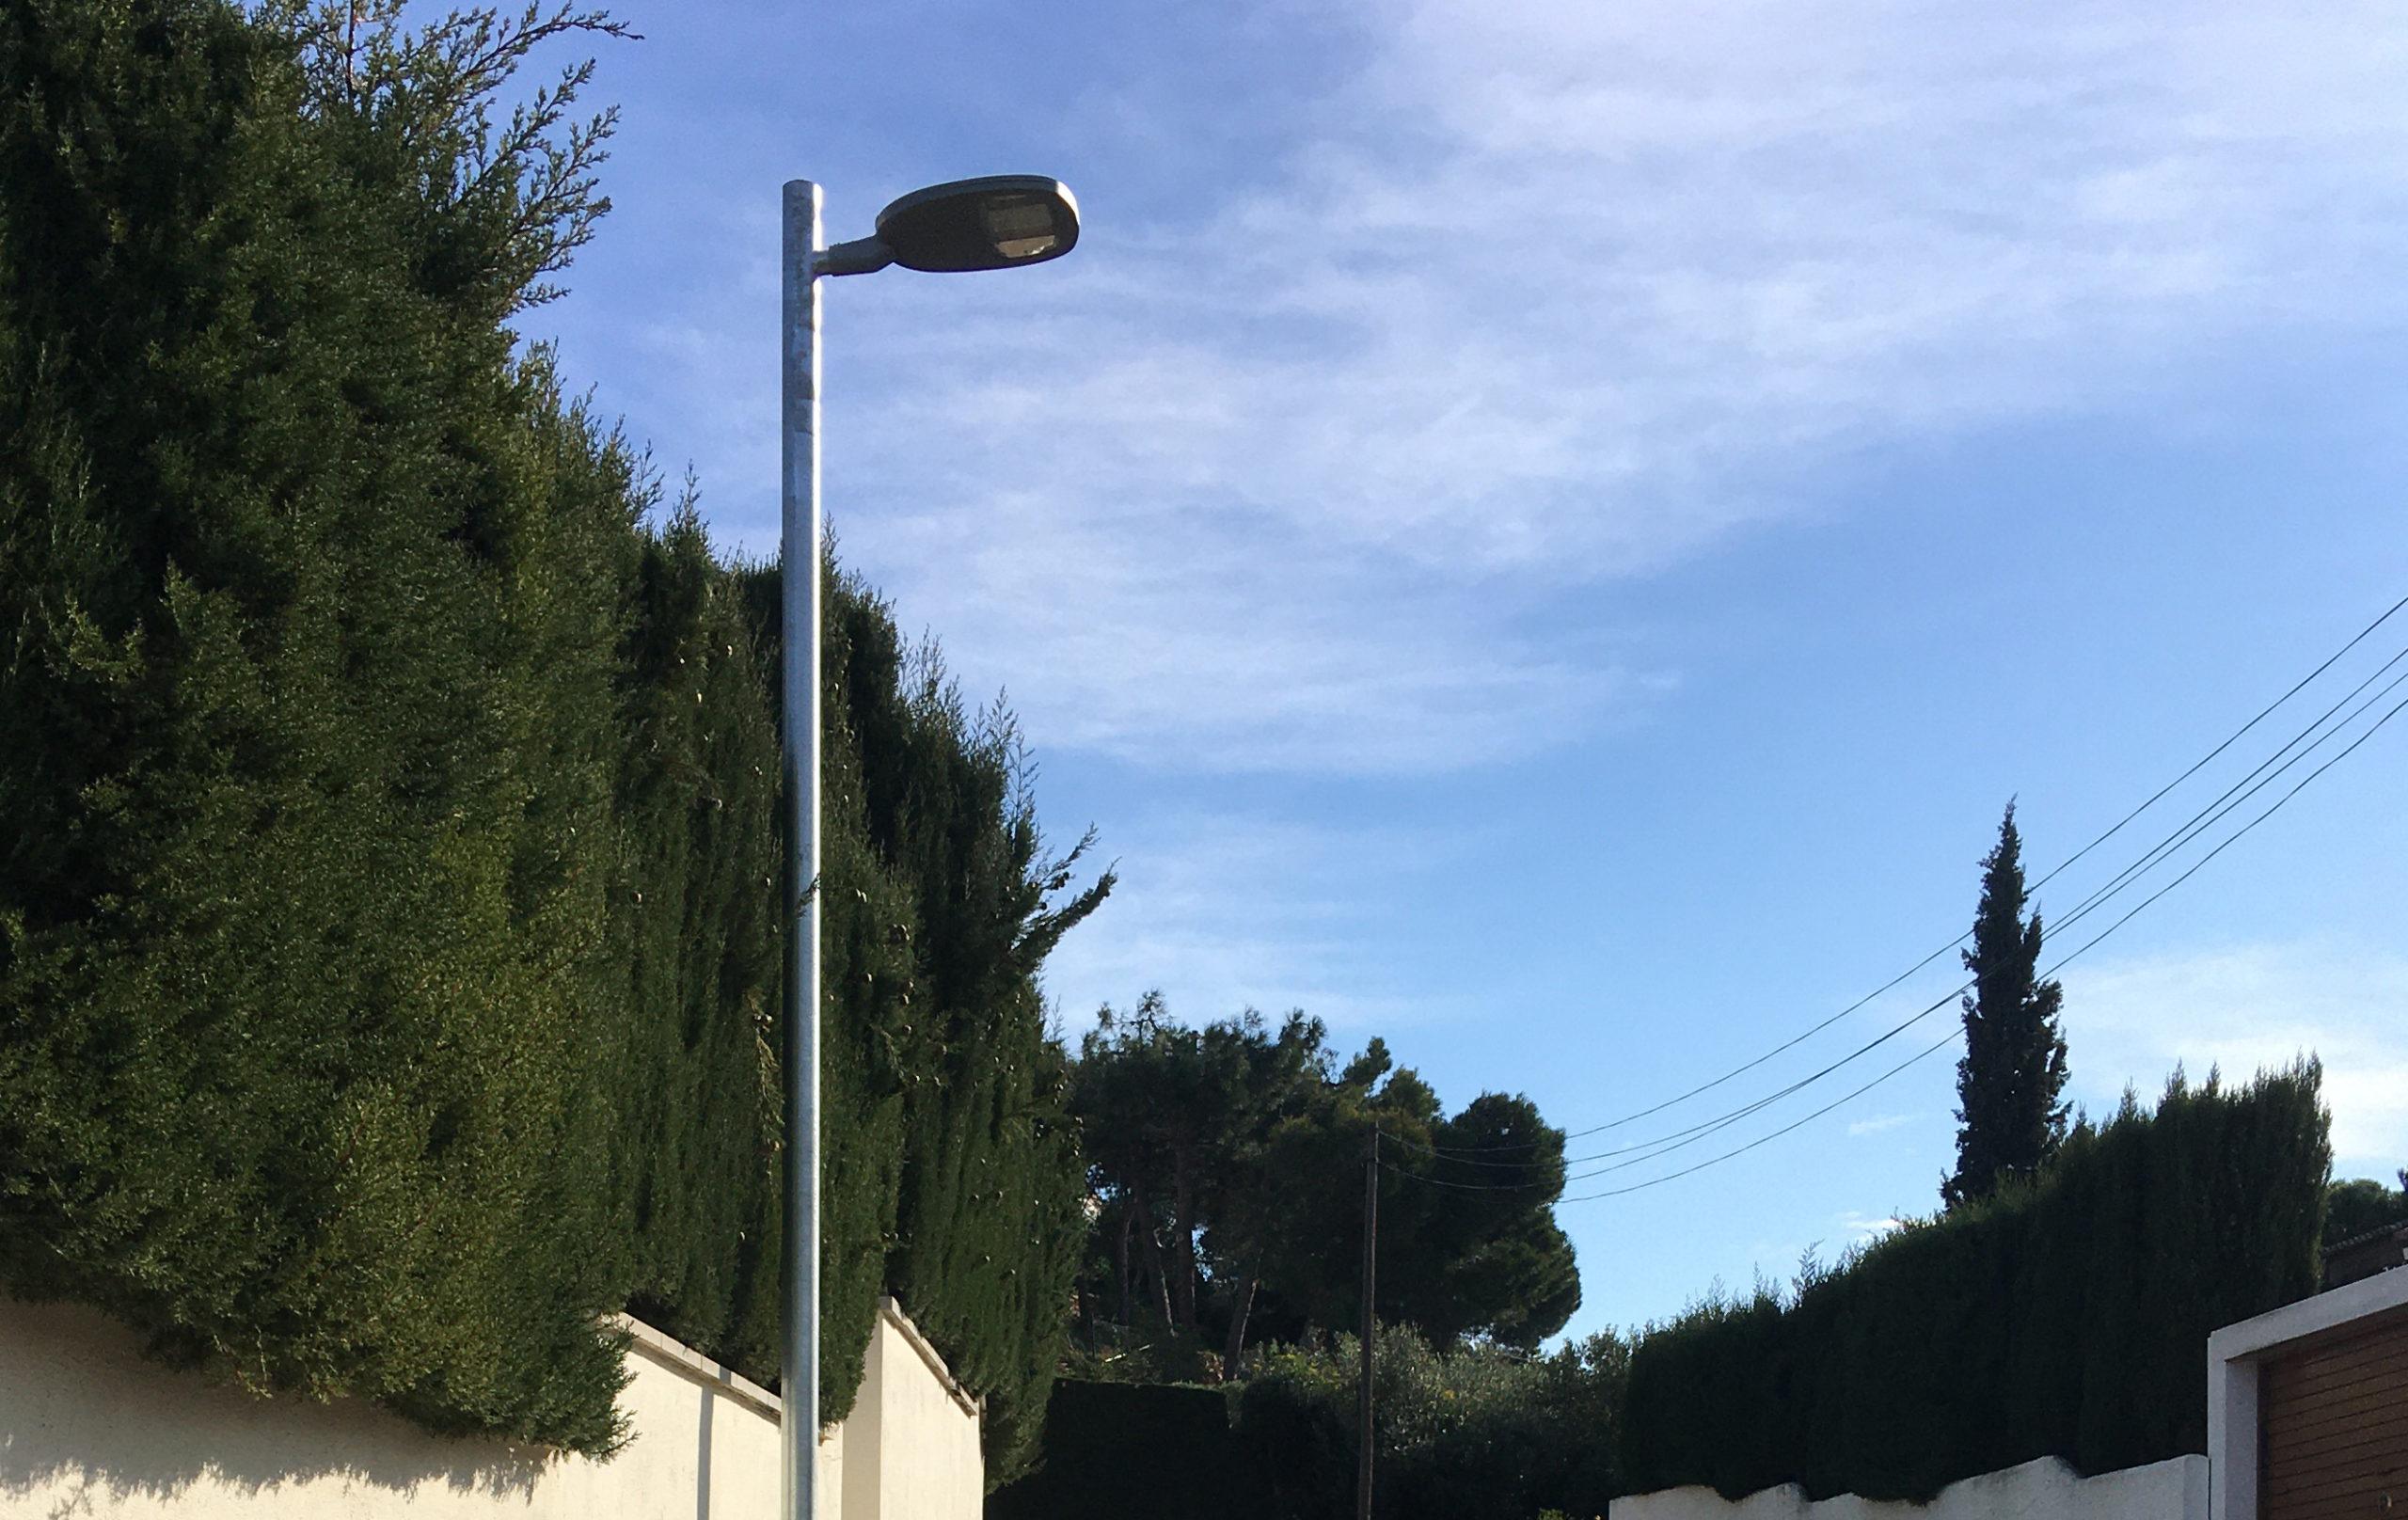 El nou enllumenat públic de la Sureda d'en Mairó suposarà un estalvi energètic d'un 35%